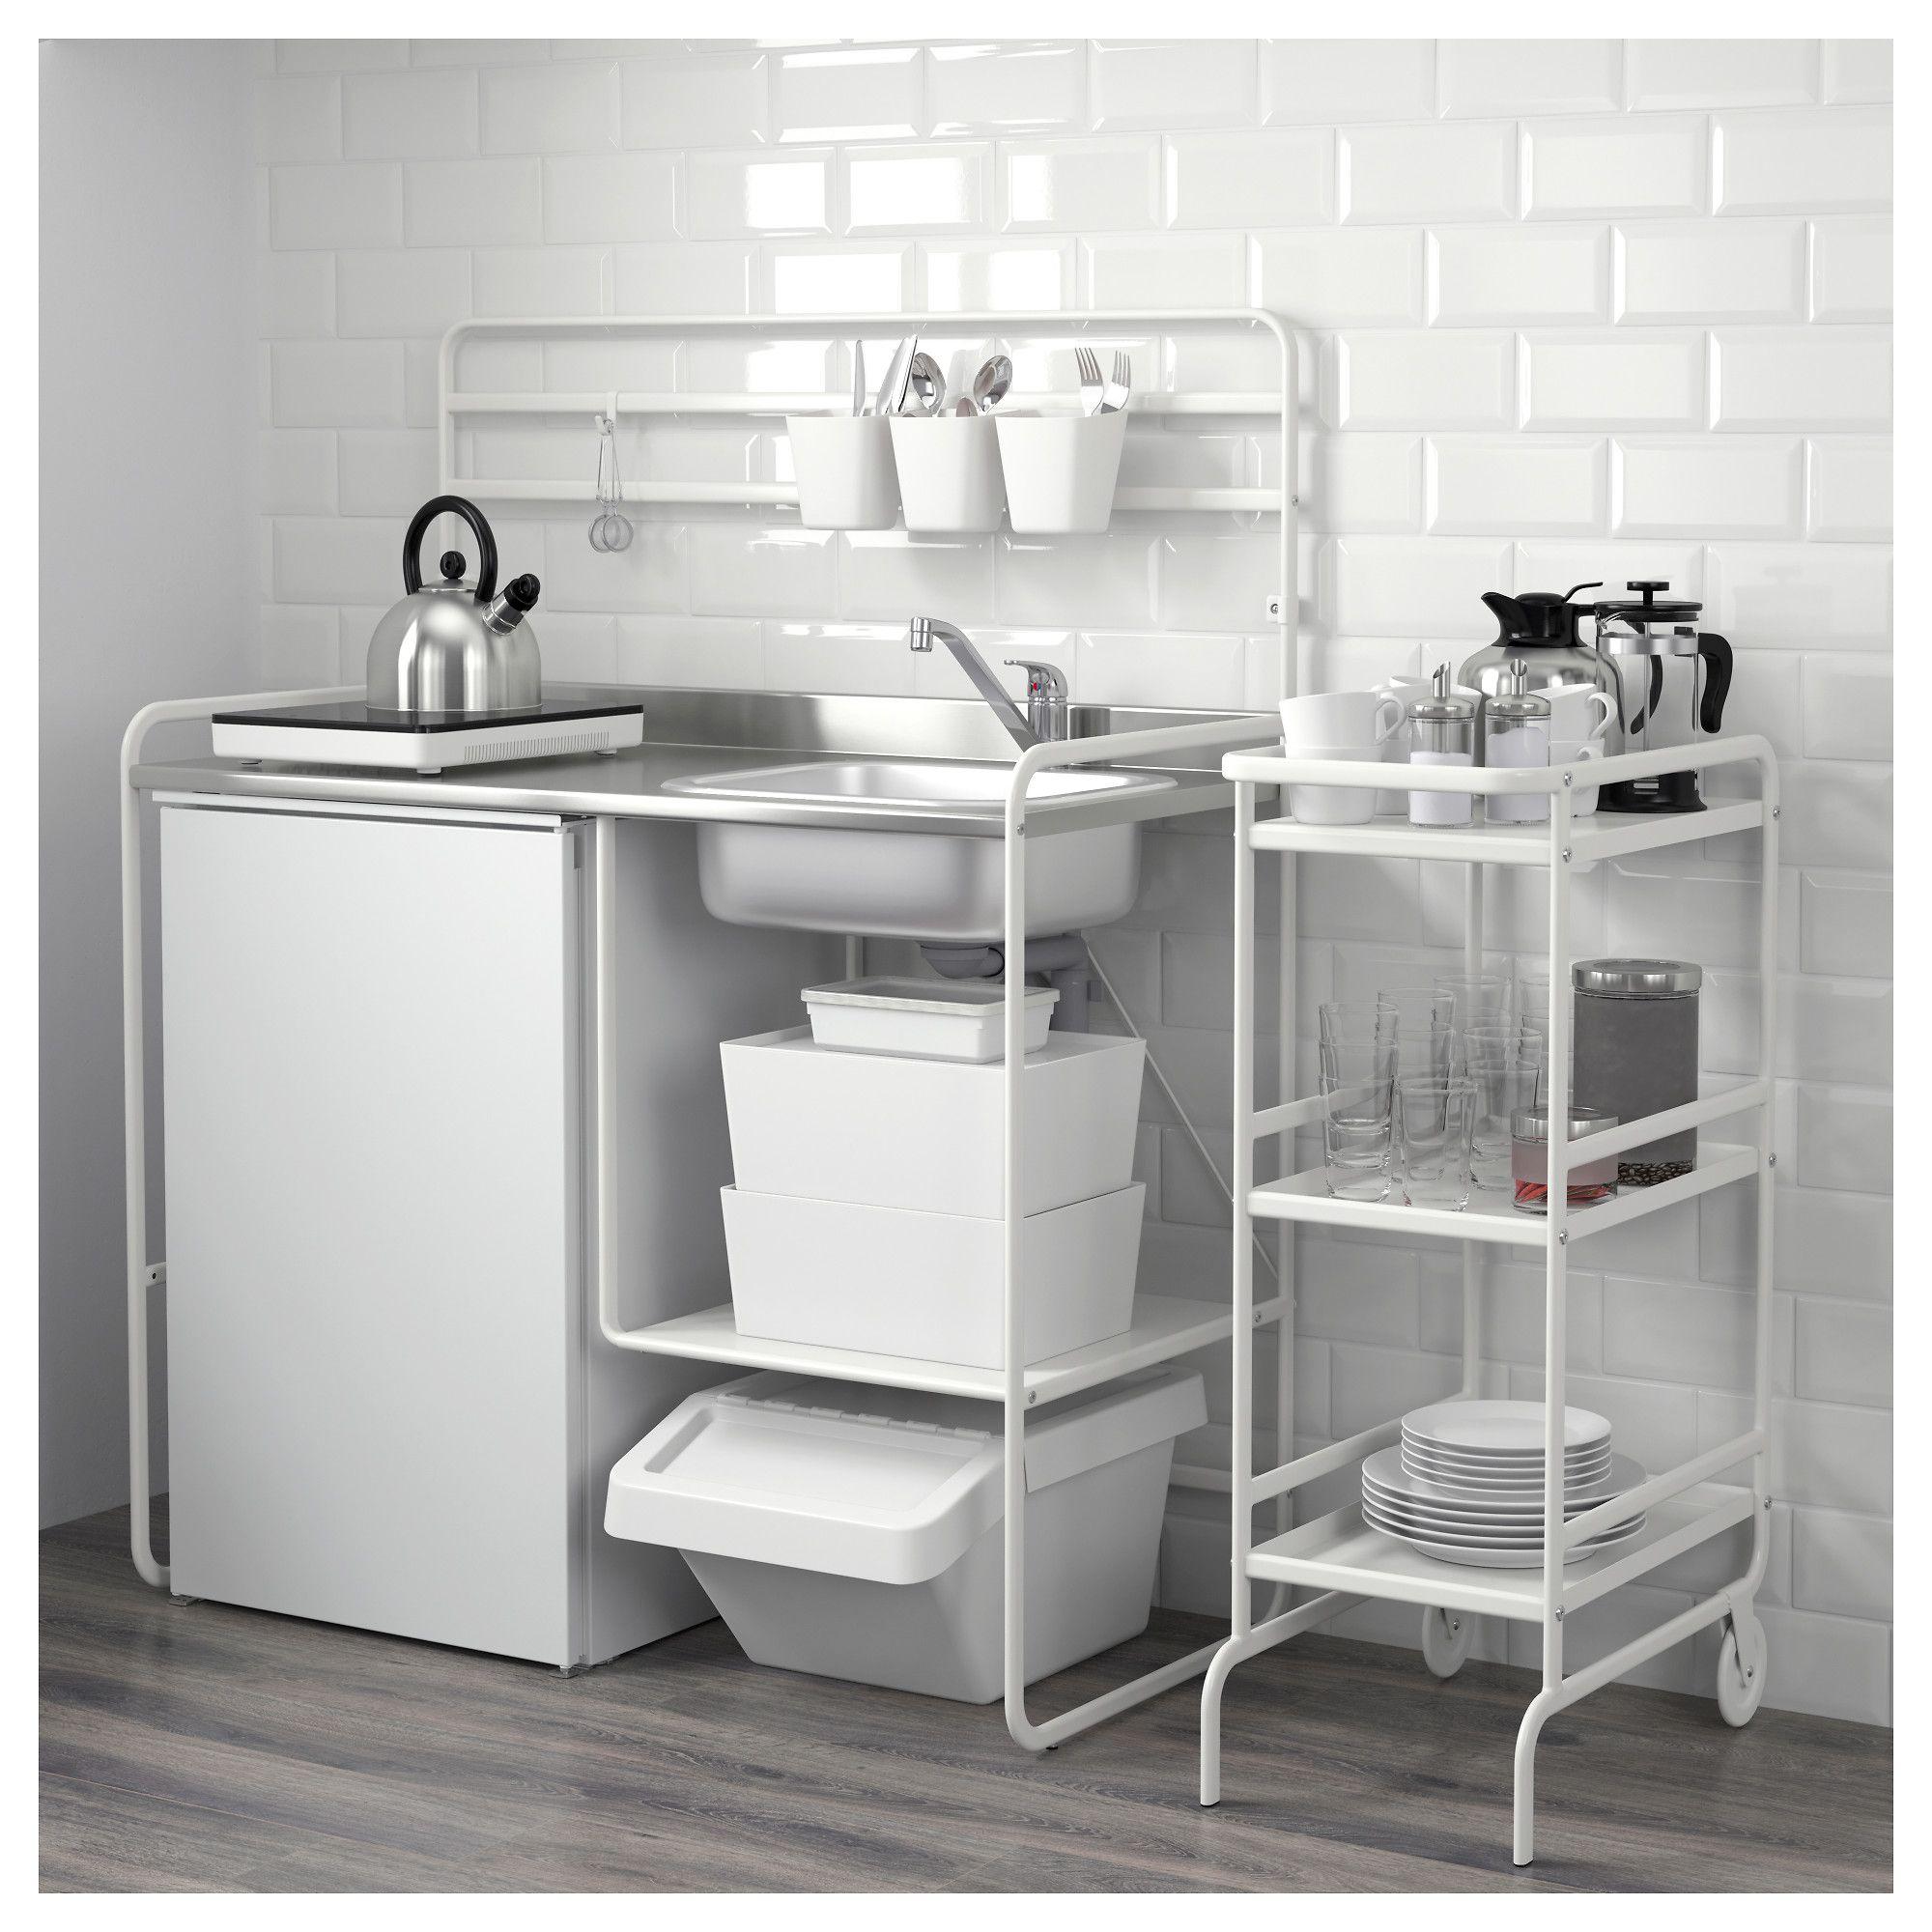 IKEA SUNNERSTA Minikitchen Ikea kitchen, Mini kitchen